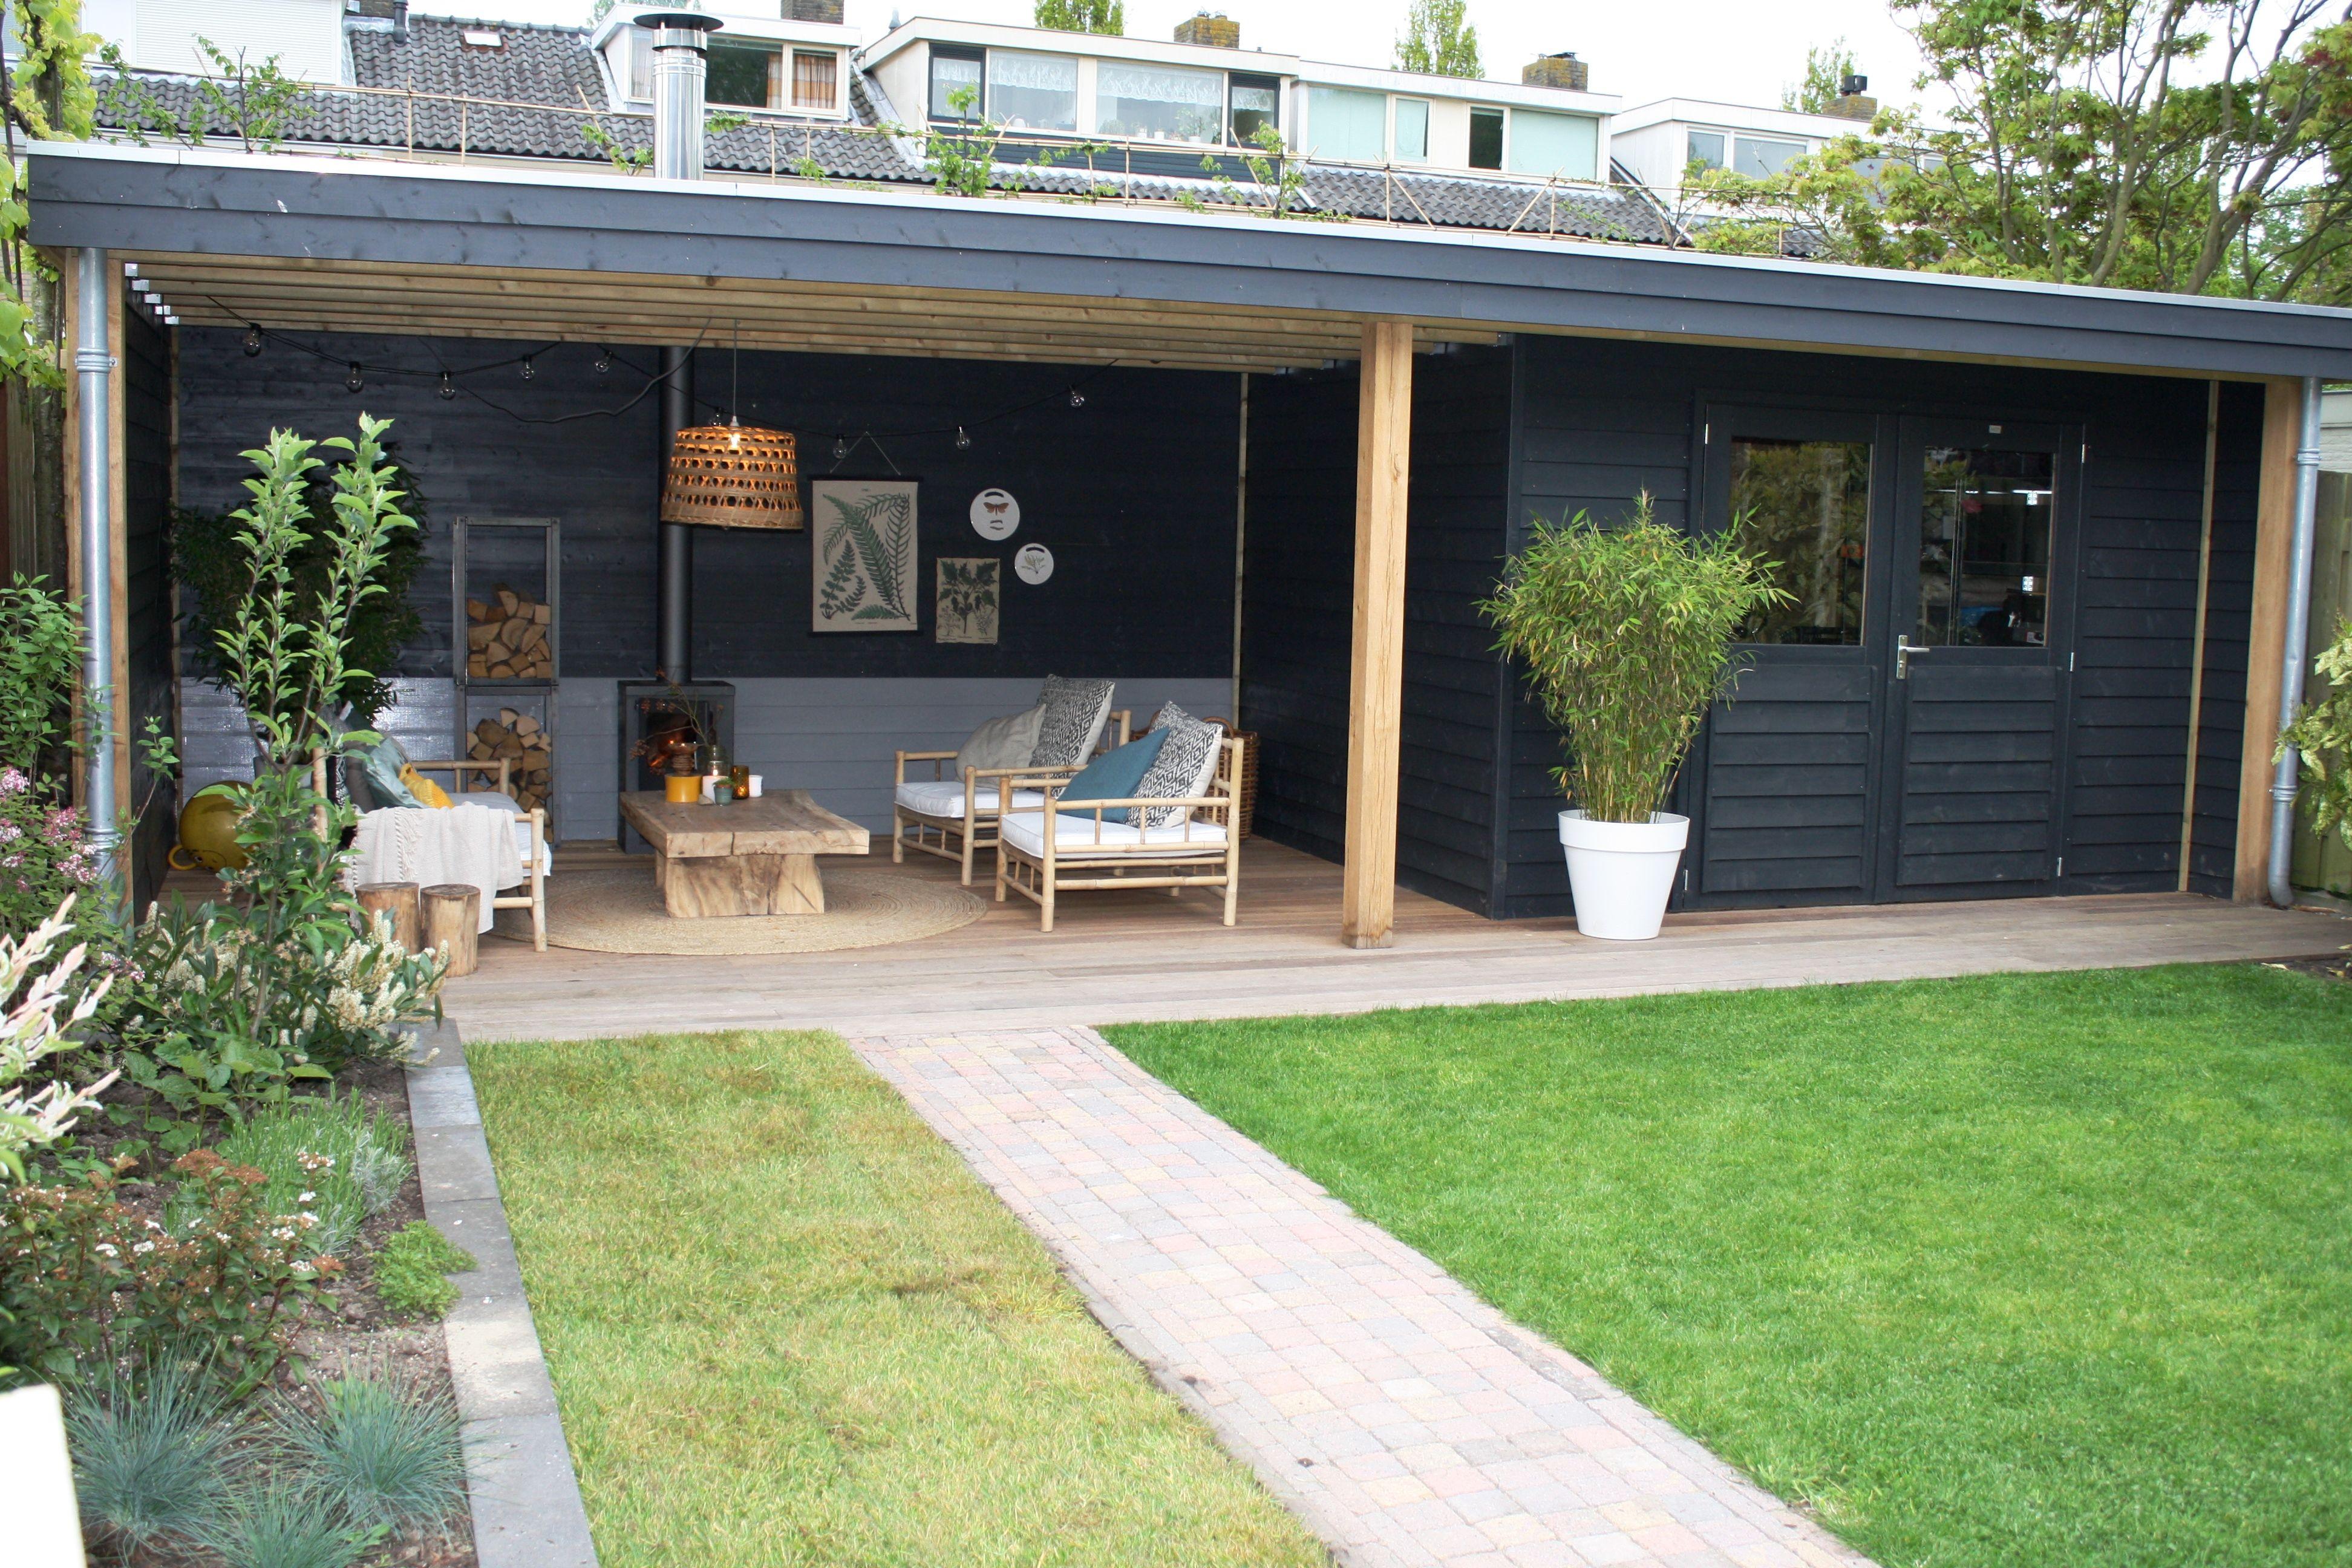 Ongebruikt Supermooi tuinhuis met veranda en kachel. Op maat gemaakt door Jan QF-17